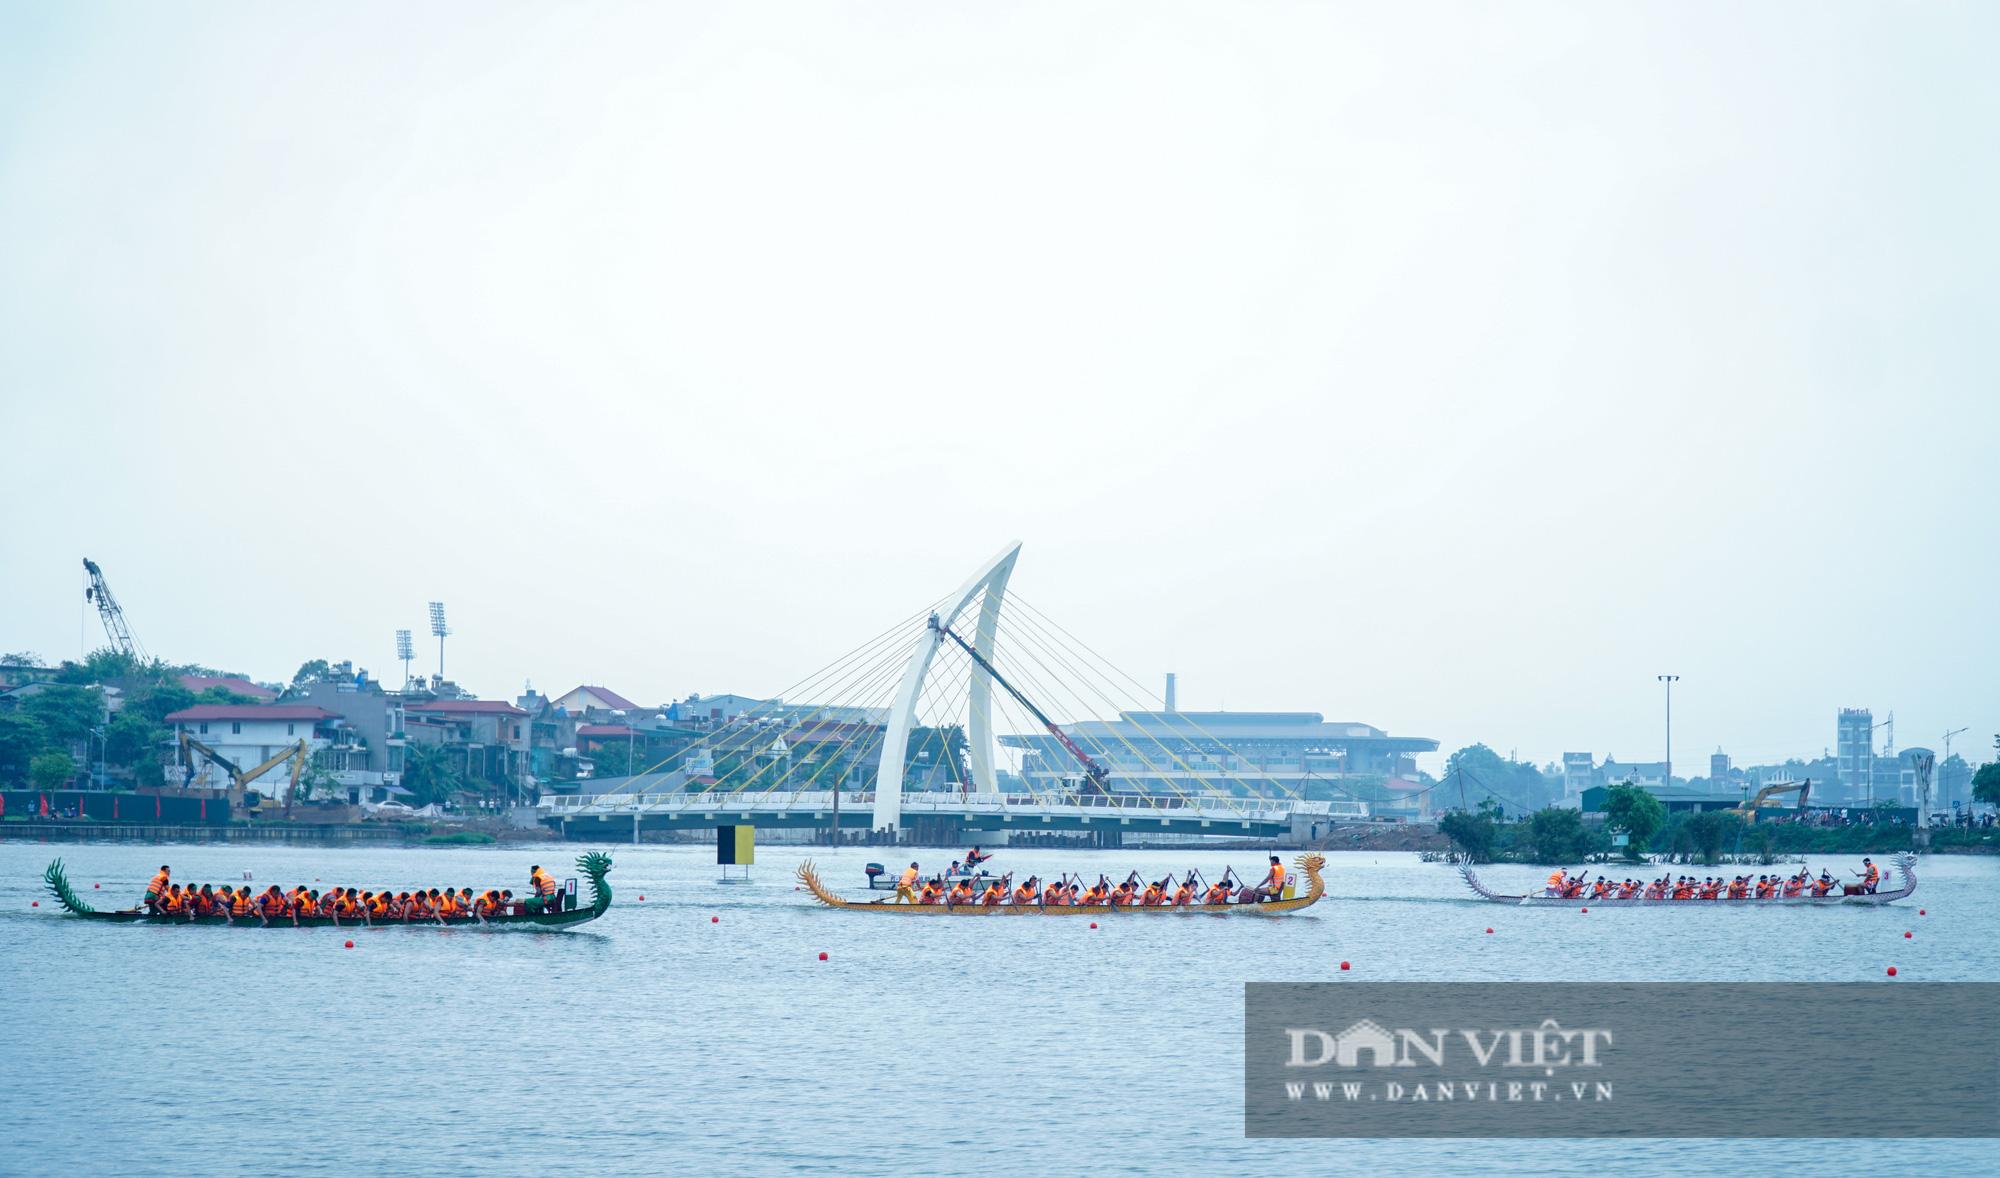 Phú Thọ: Kịch tính giải đua bơi chải chào mừng ngày giỗ Tổ Hùng Vương - Ảnh 1.